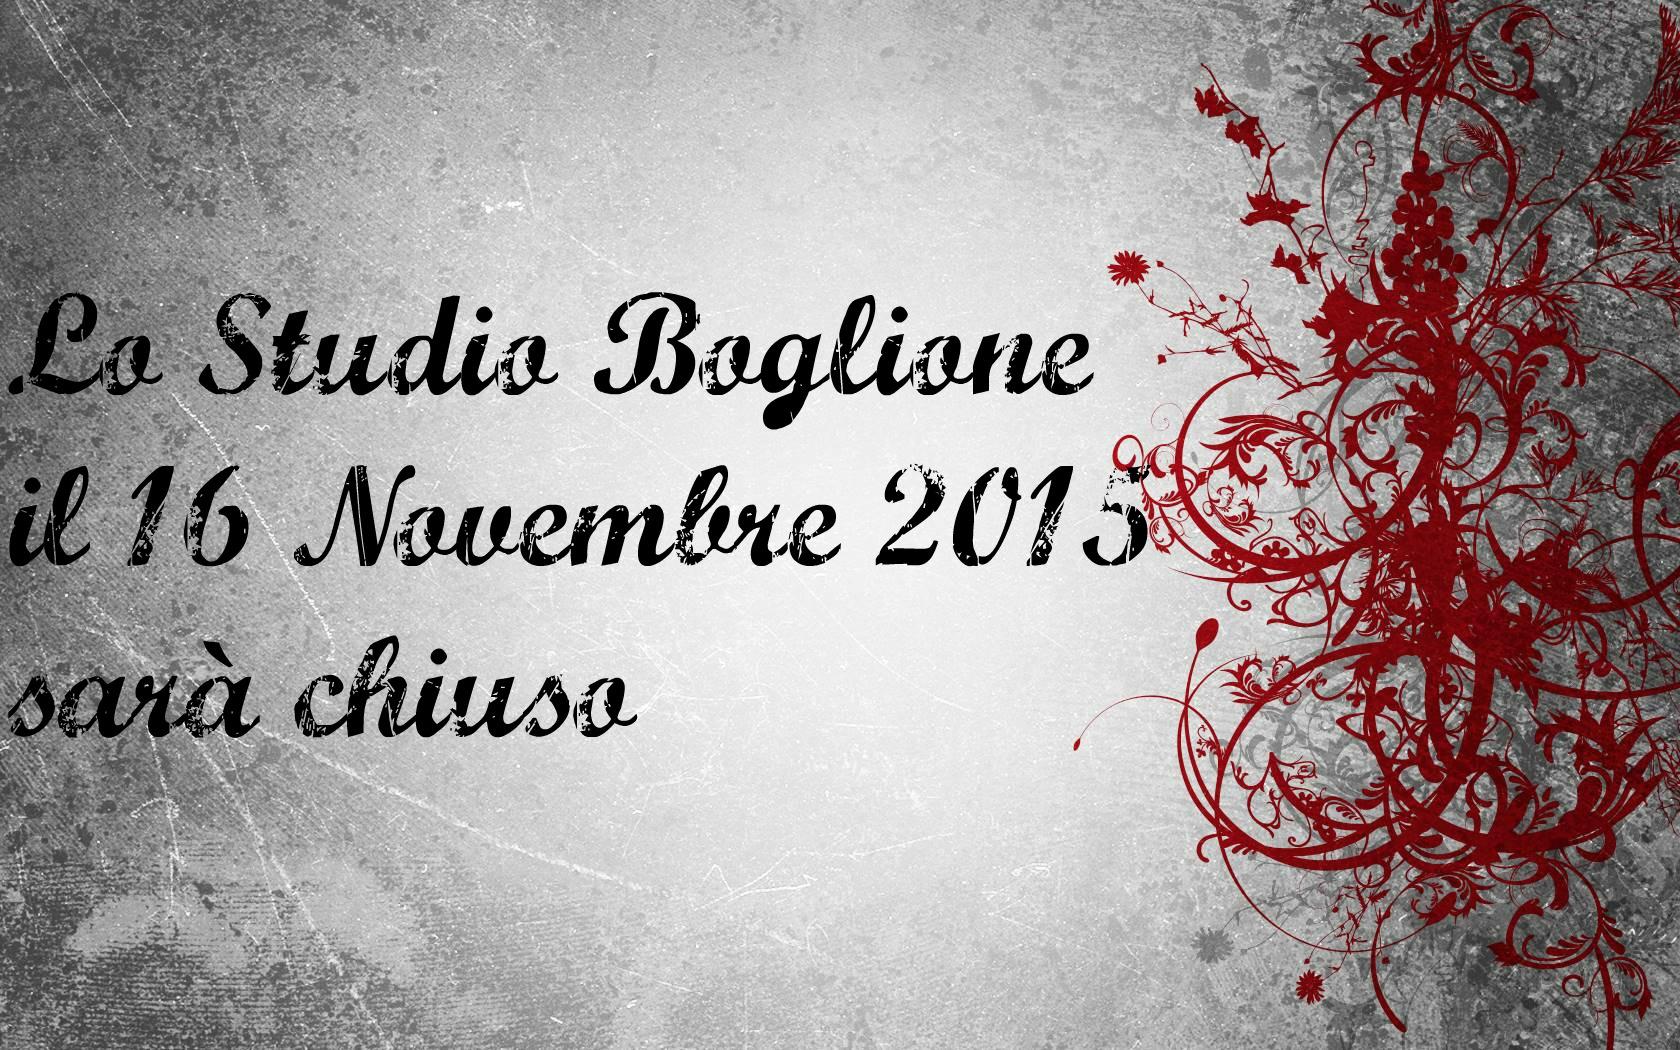 Chiusura Fiera Studio Boglione